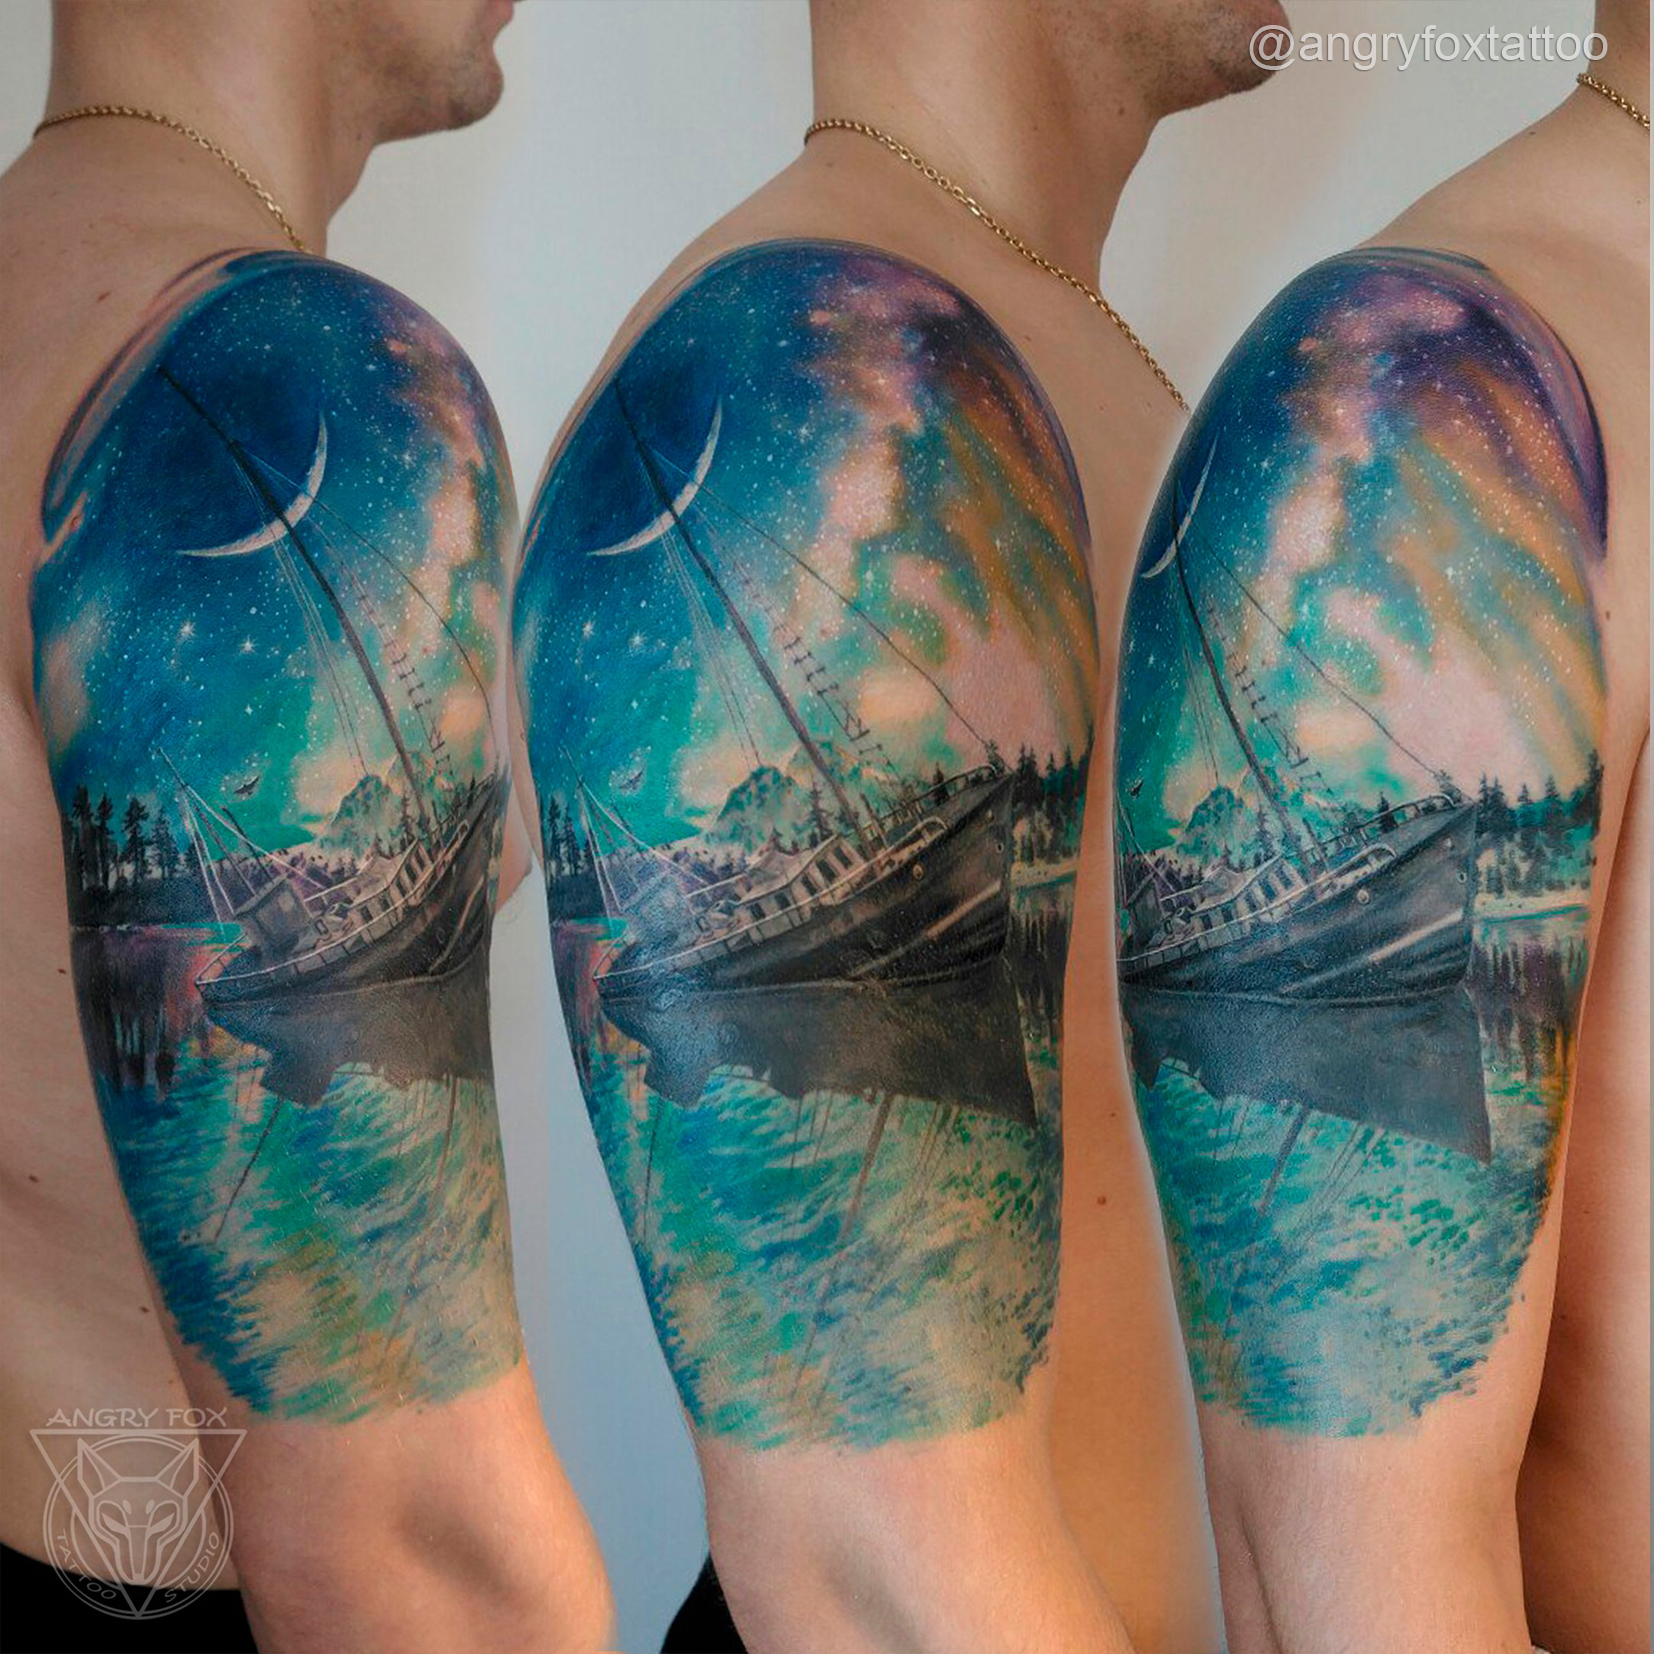 татуировка, тату, каверап, корабль, космос, луна, месяц, звёзды, лес, отражение, северное, сияние, океан, море, волны, песок, закат, рассвет, реализм, плечо, ночь, небо